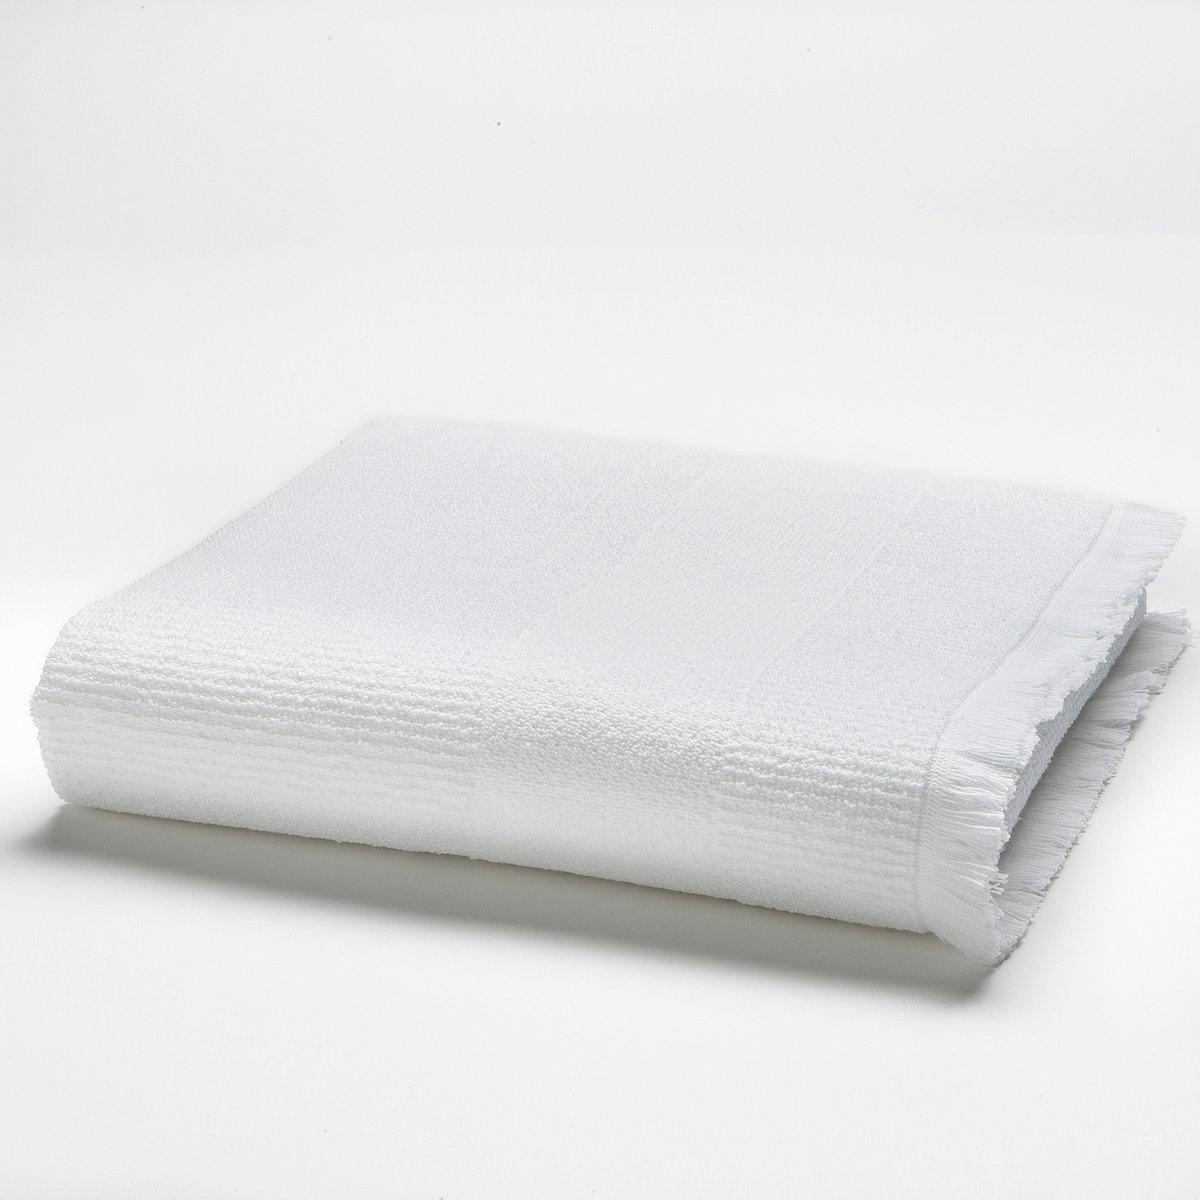 Полотенце банное махровое, 500 г/м?